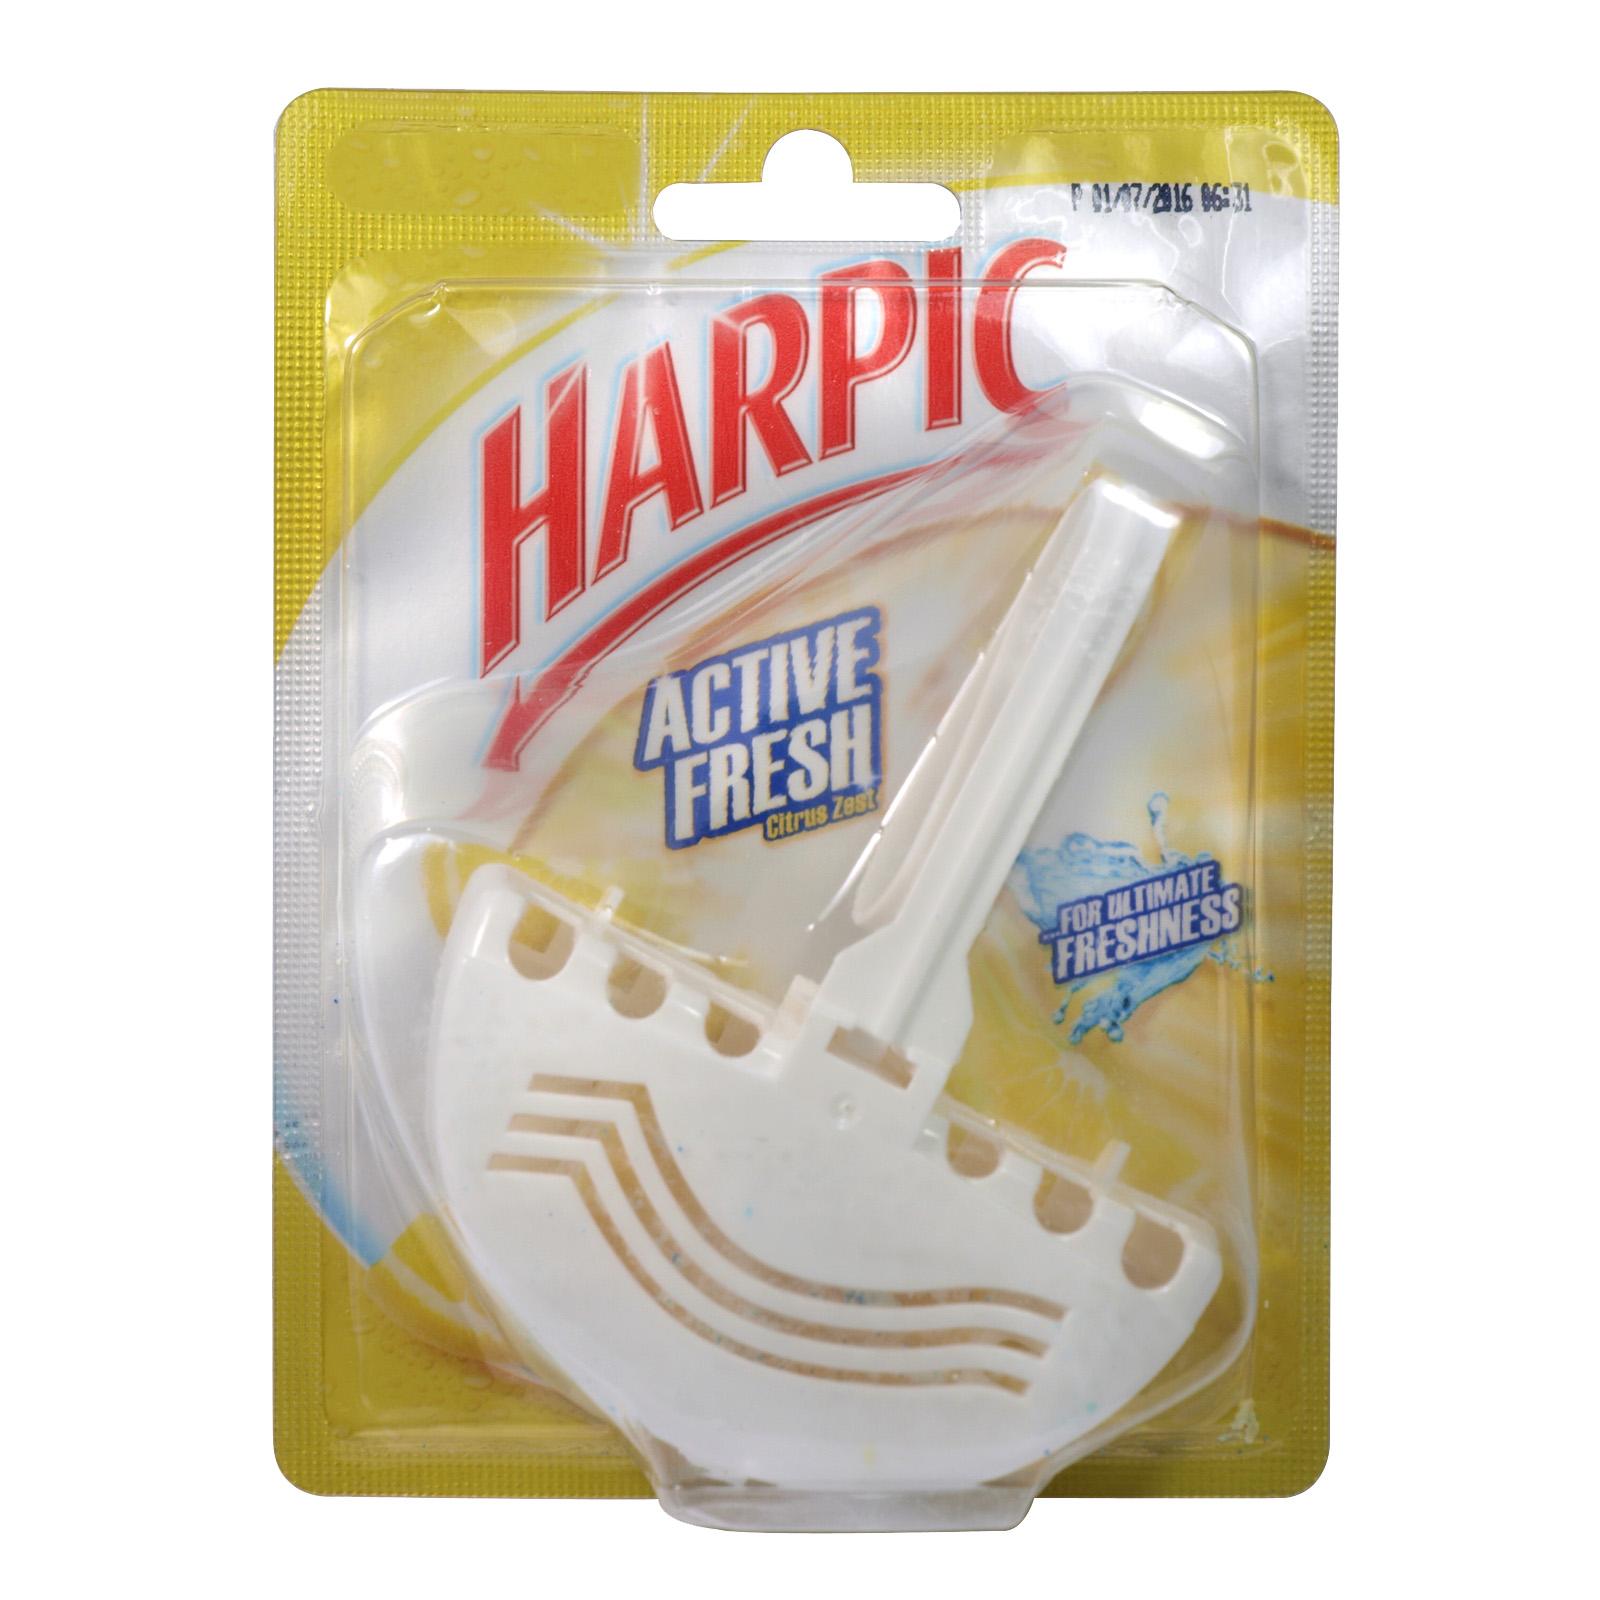 HARPIC ACTIVE RIM BLOCK 38G CITRUS X12